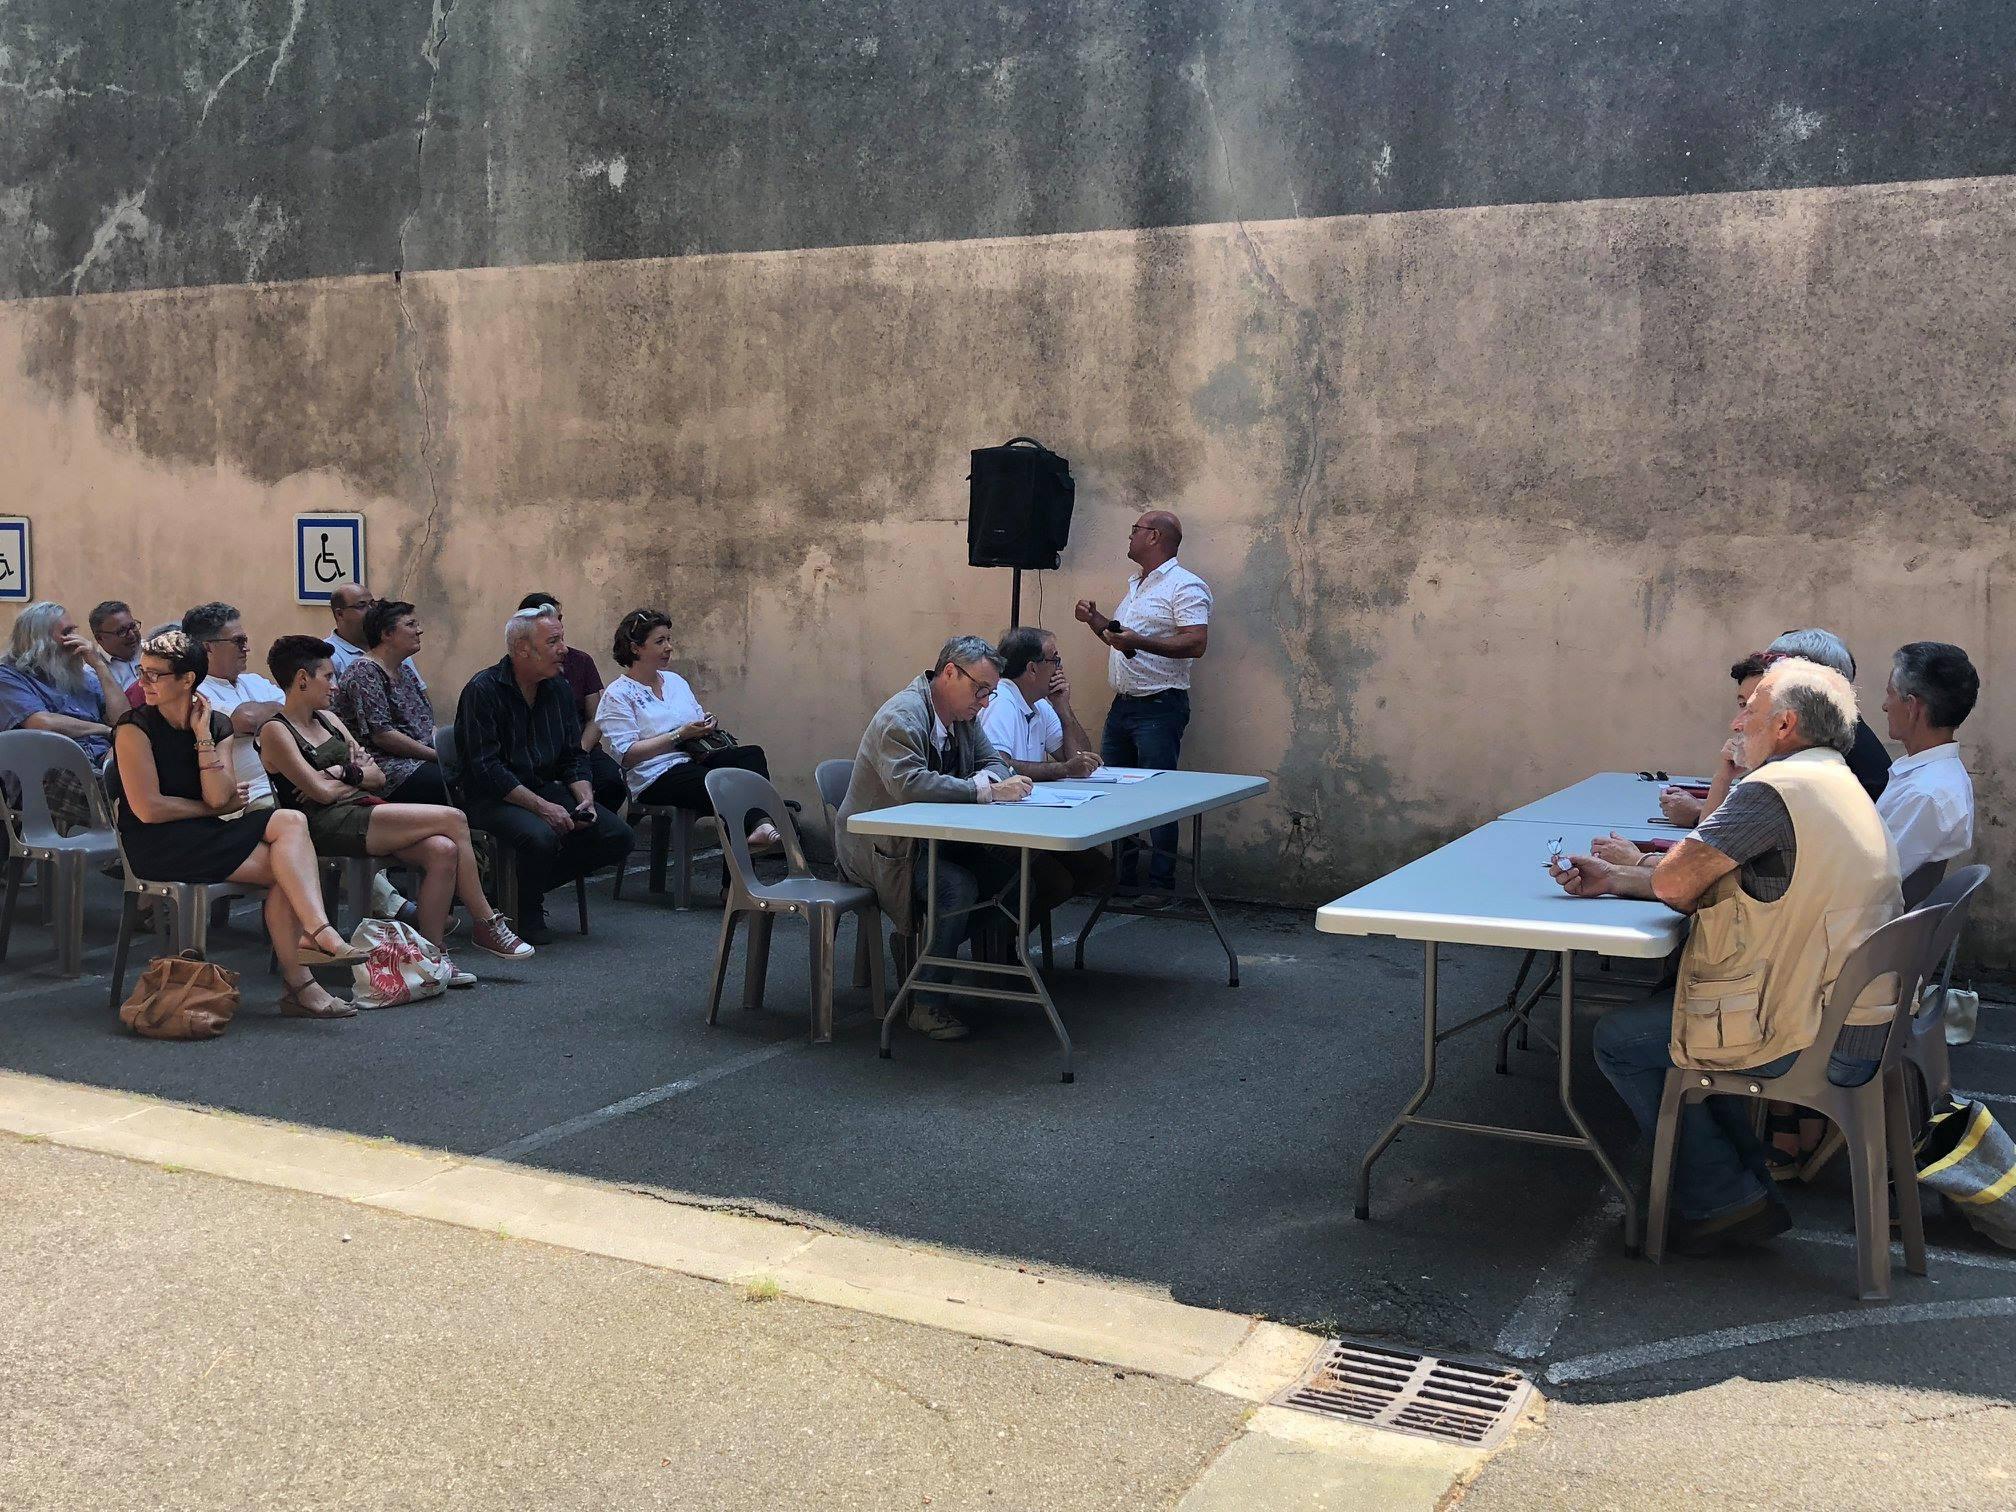 Politique de la ville : rencontre avec 3 associations locales